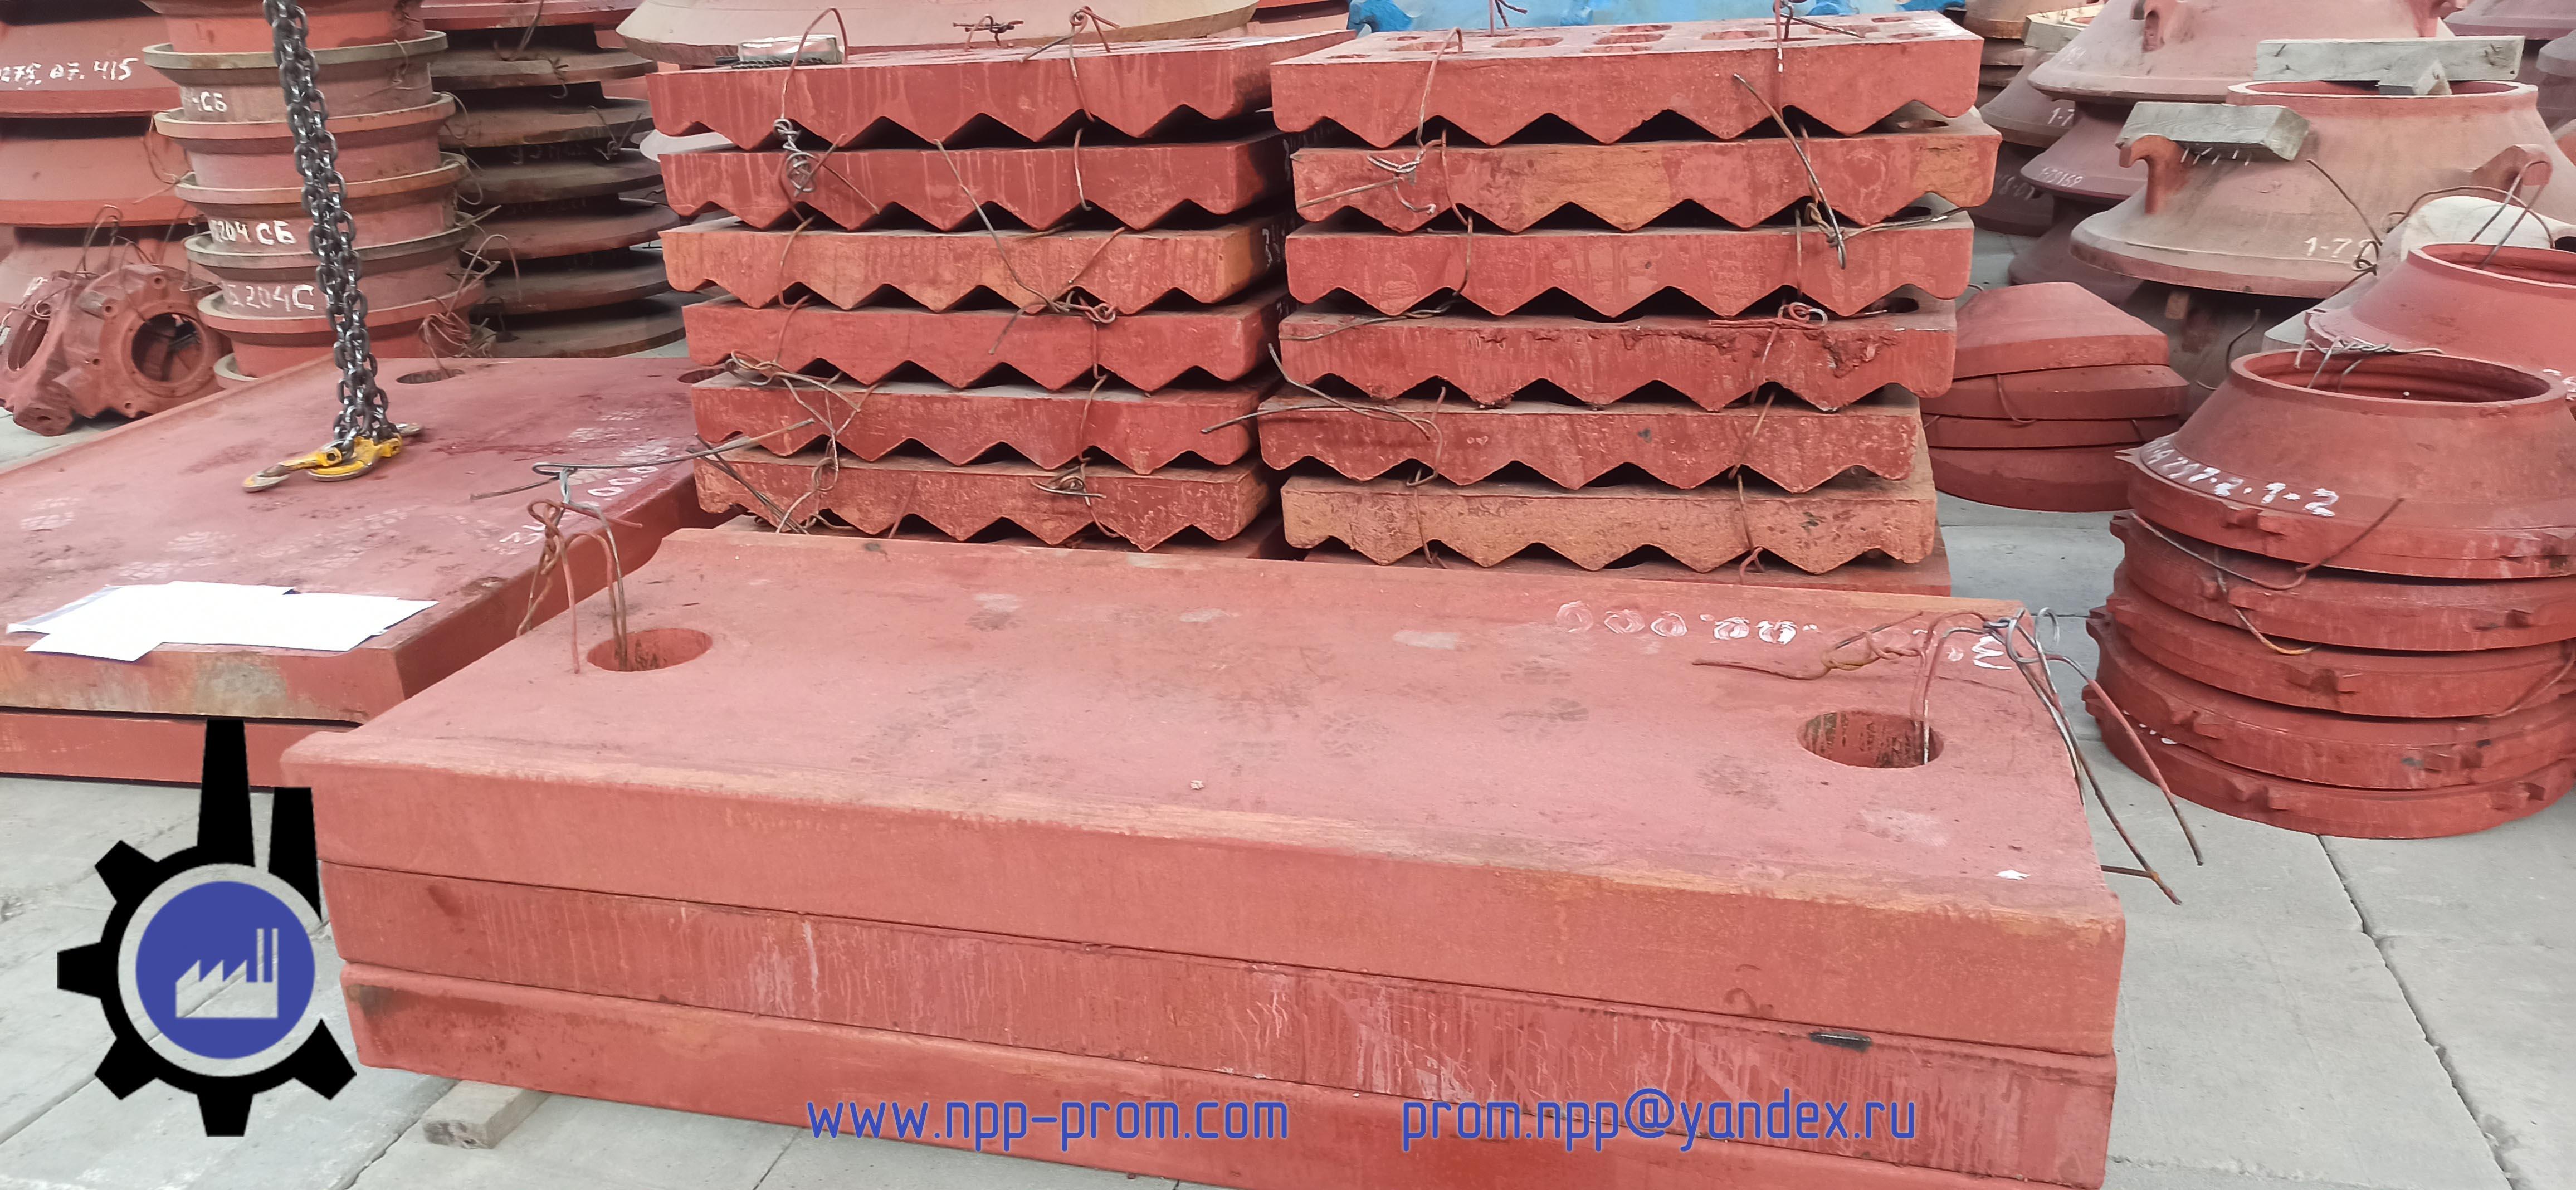 Дробящие и рапорные плиты СМД-117, СМД-1